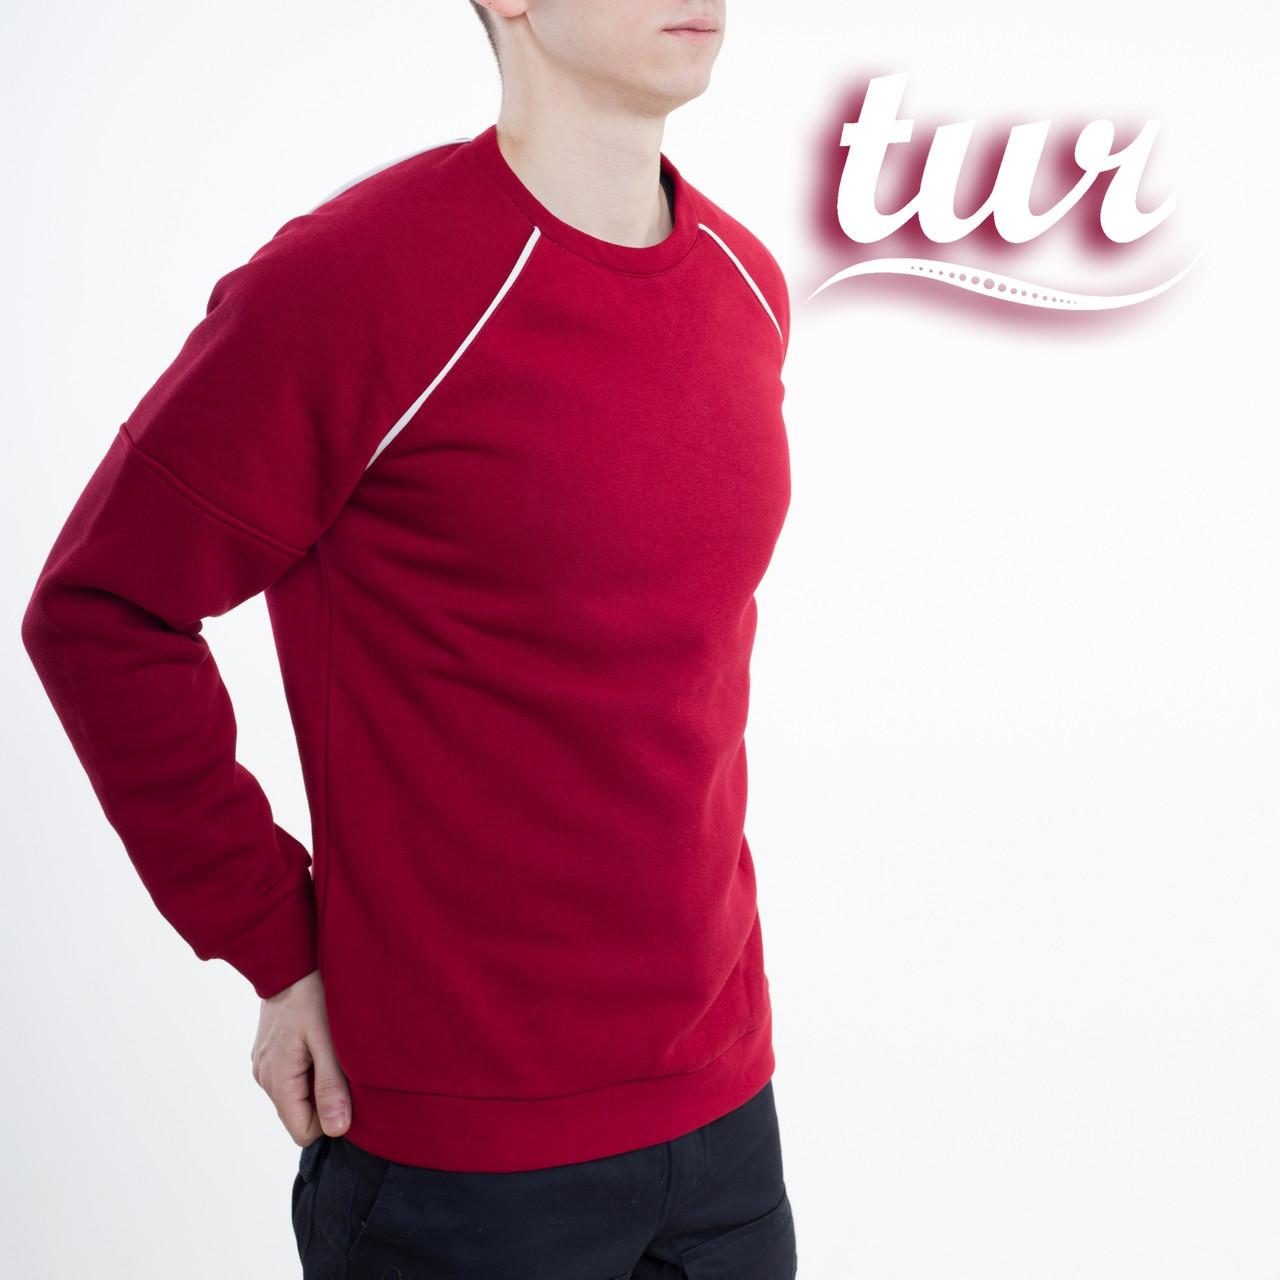 Зимний свитшот реглан мужской бордовый с полосками бренд ТУР модель Сектор (Sector) размер S, M, L, XL